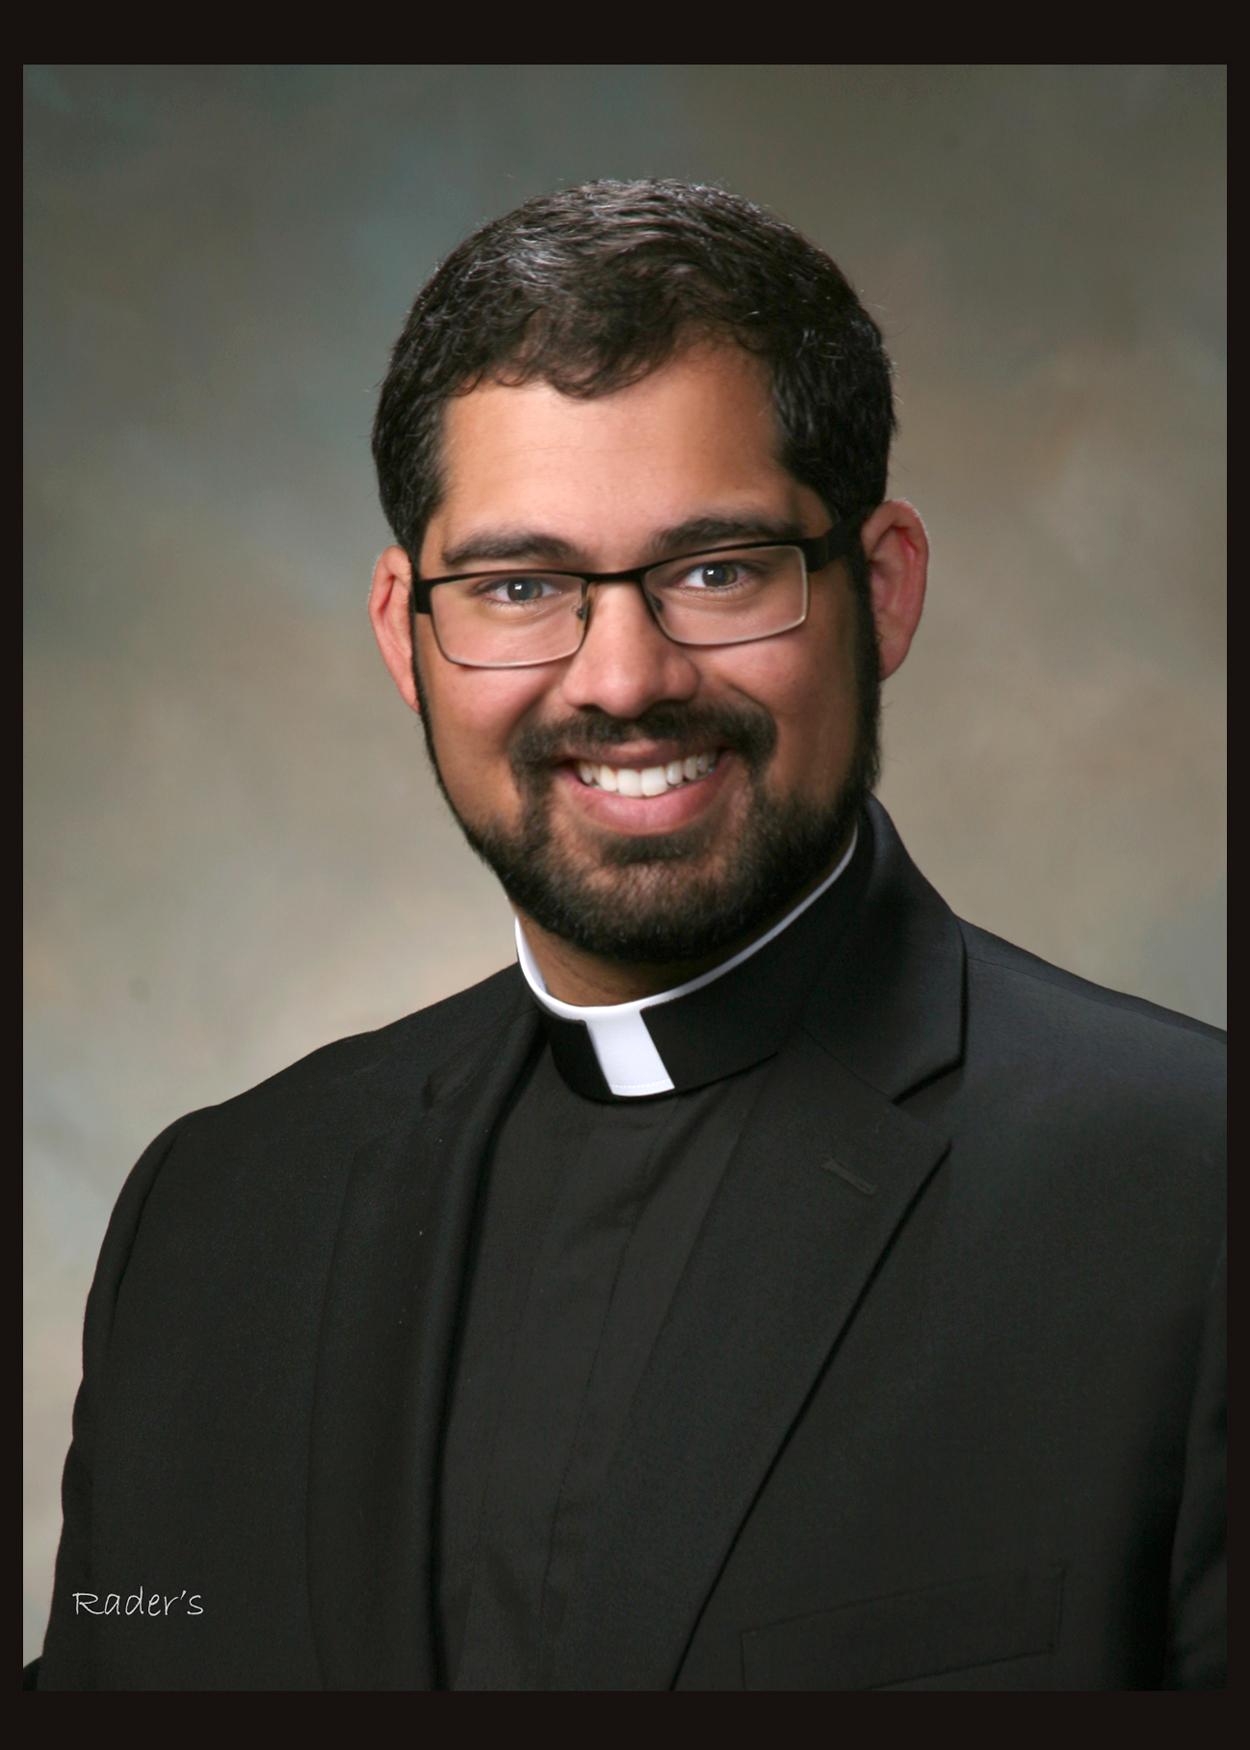 Rev. Nicholas Mishek